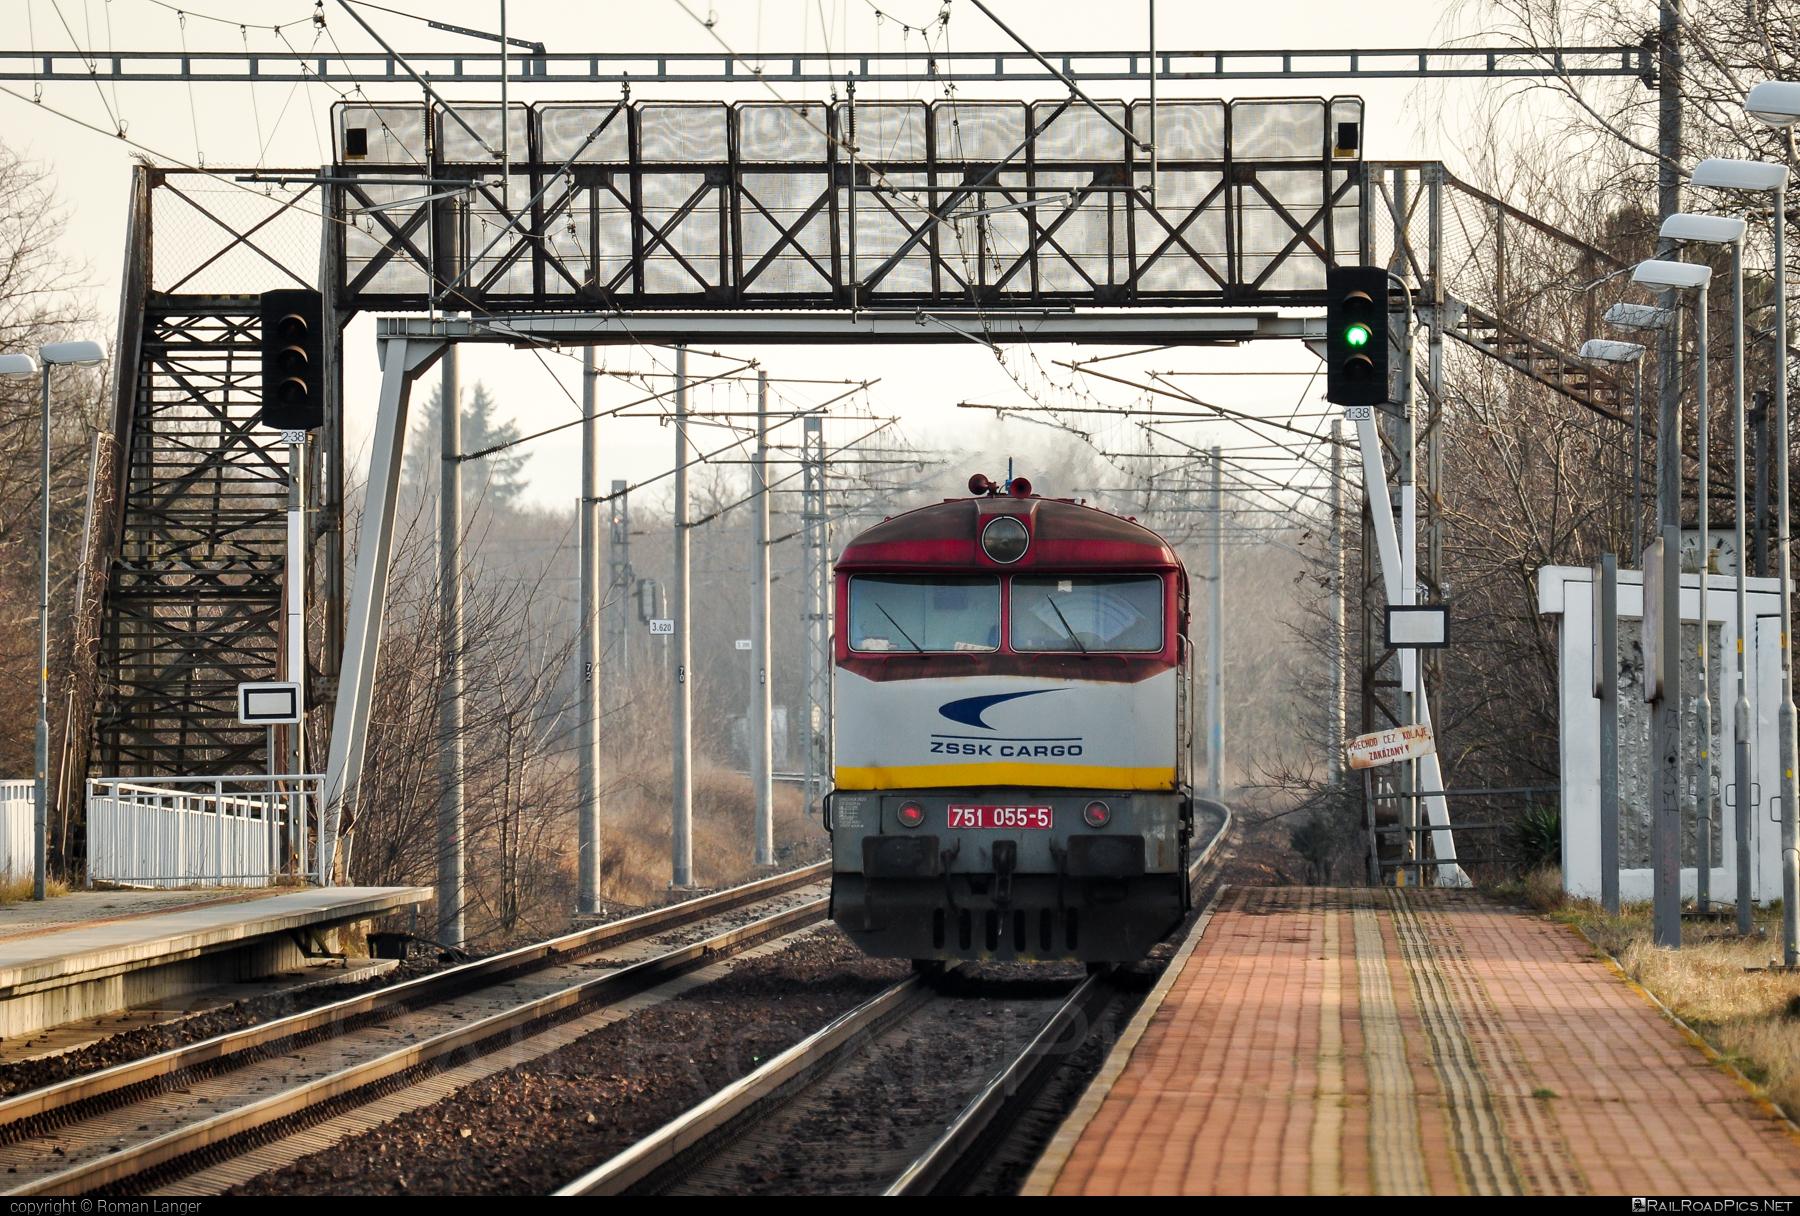 ČKD T 478.1 (751) - 751 055-5 operated by Železničná Spoločnost' Cargo Slovakia a.s. #ZeleznicnaSpolocnostCargoSlovakia #bardotka #ckd #ckd4781 #ckd751 #ckdt4781 #zamracena #zsskcargo